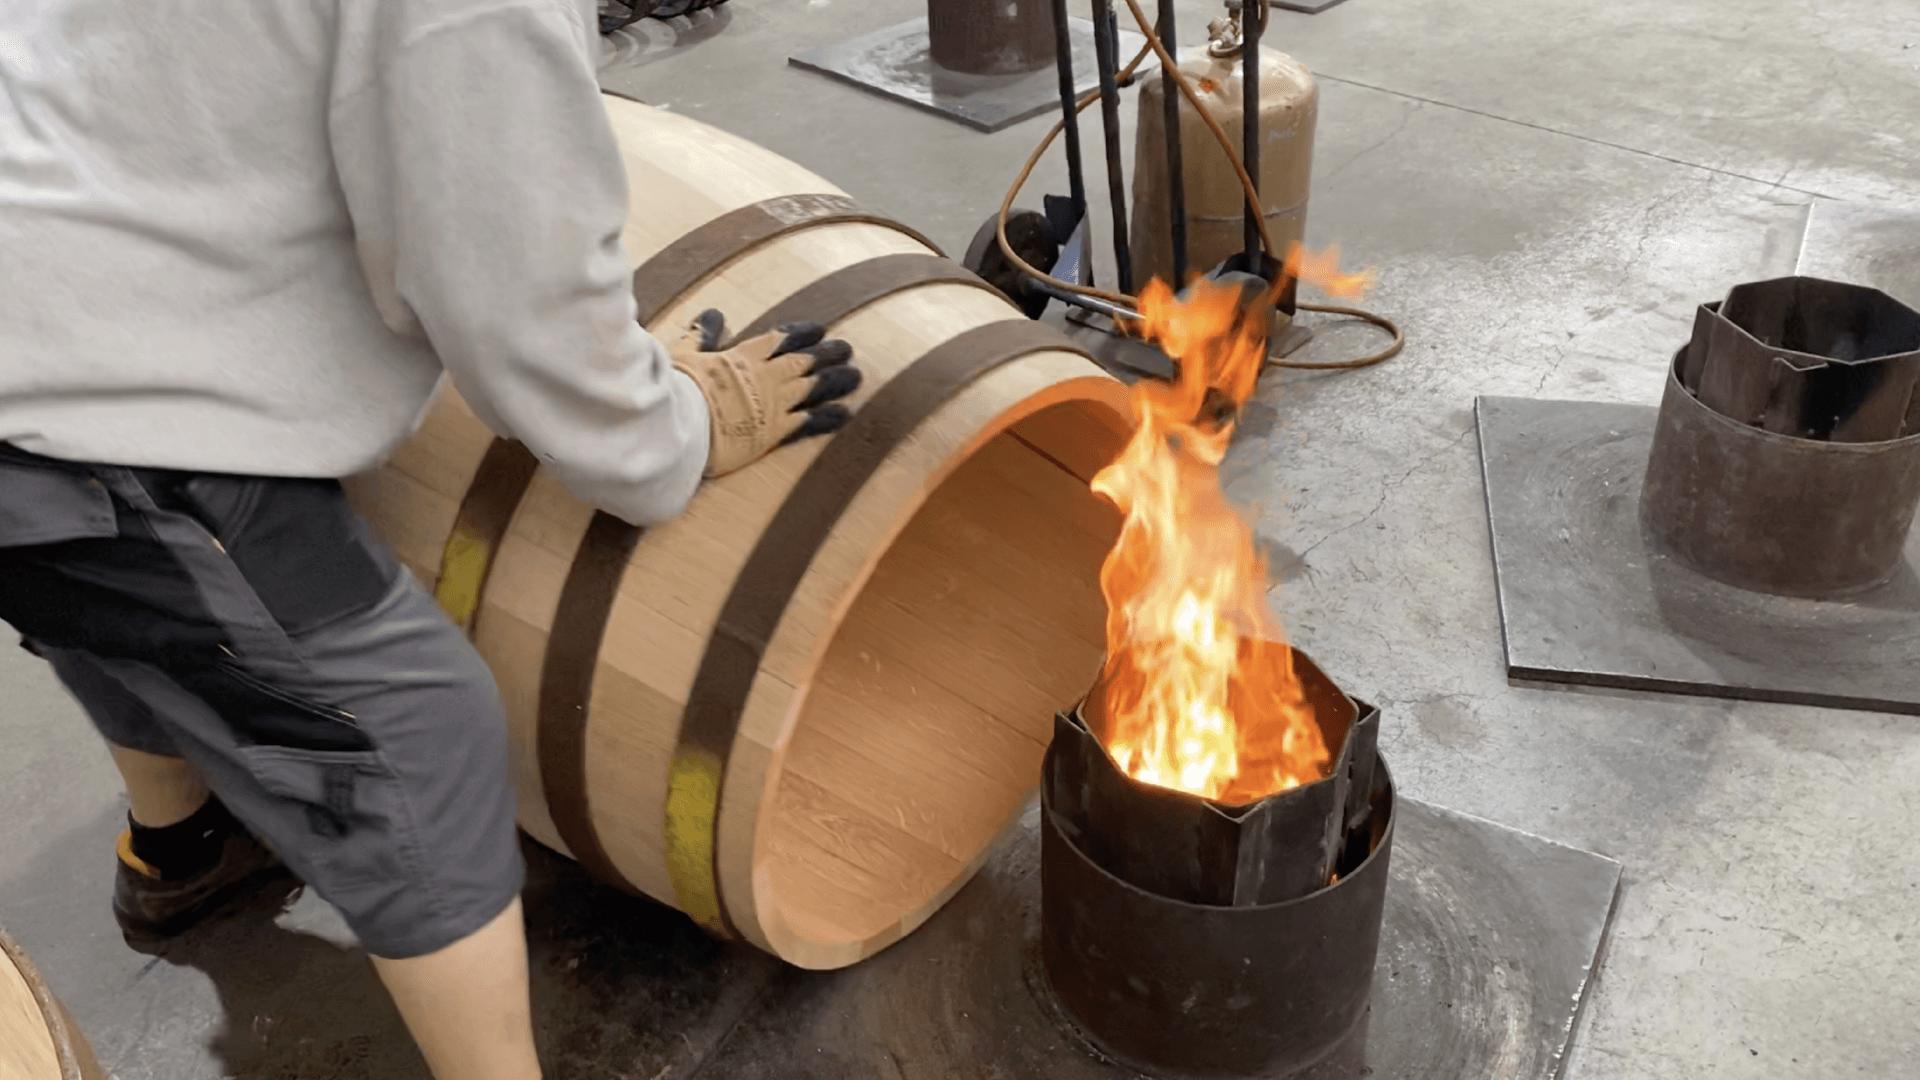 Découvrir les étapes de la fabrication d'un fût lors d'une visite de tonnellerie